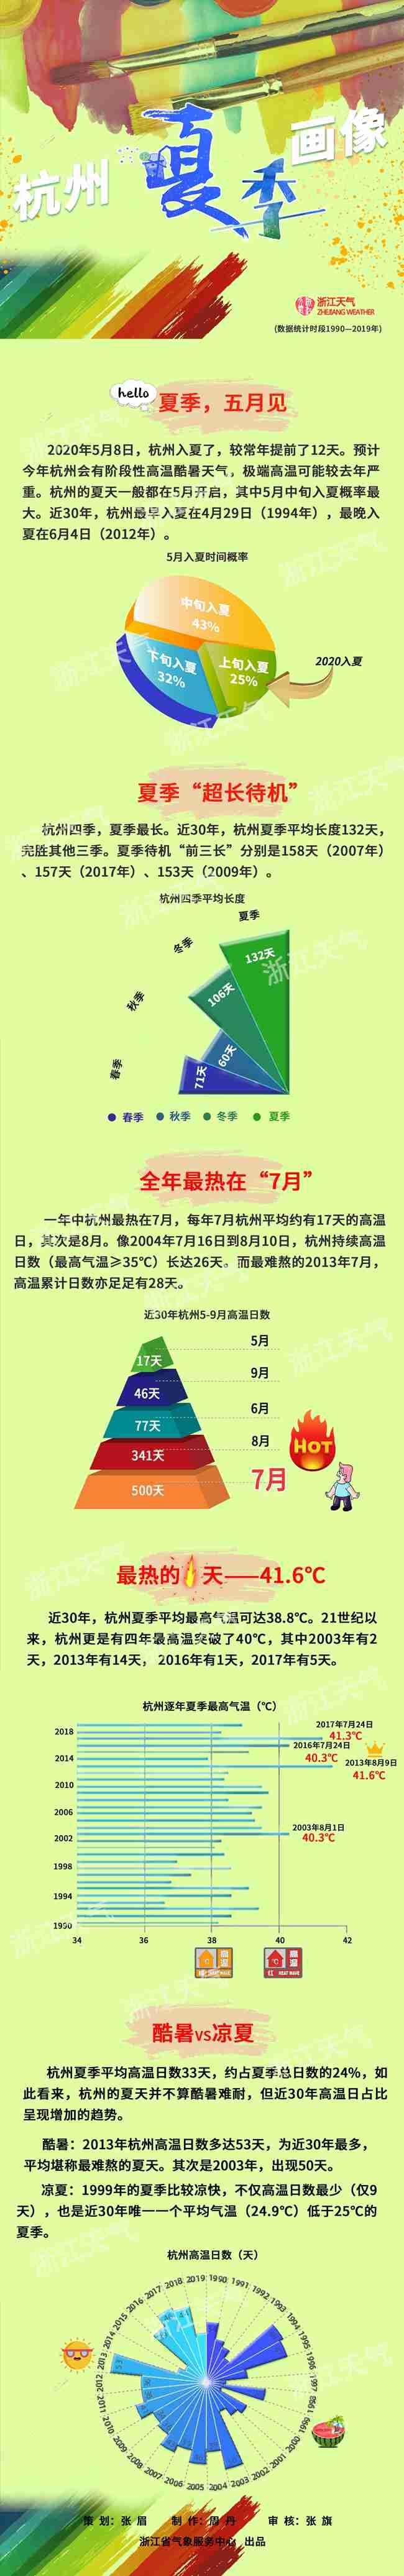 杭州夏季画像